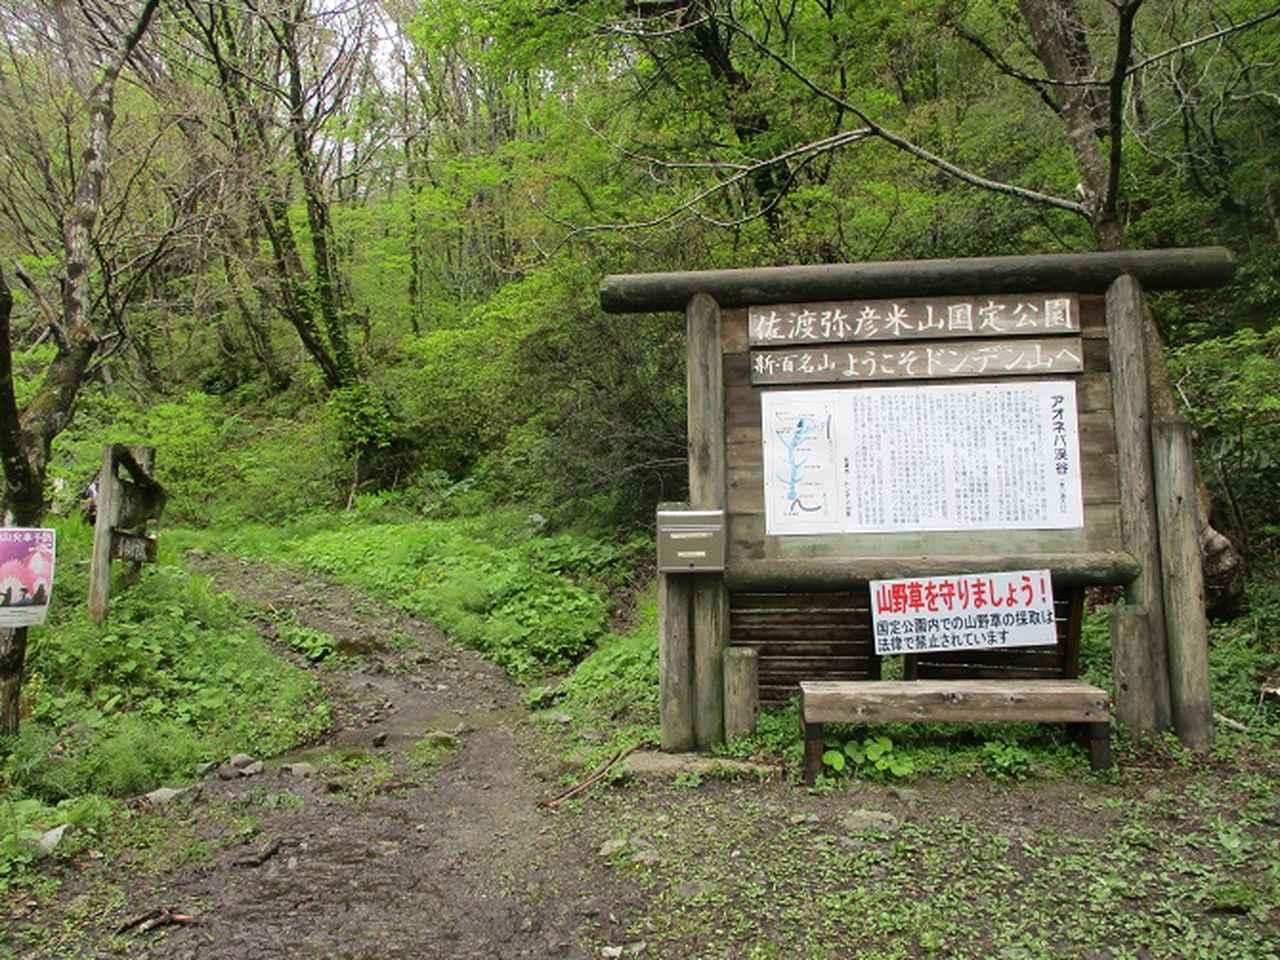 画像2: 5月の山旅会 「佐渡」 ツアーの直前下見報告です!